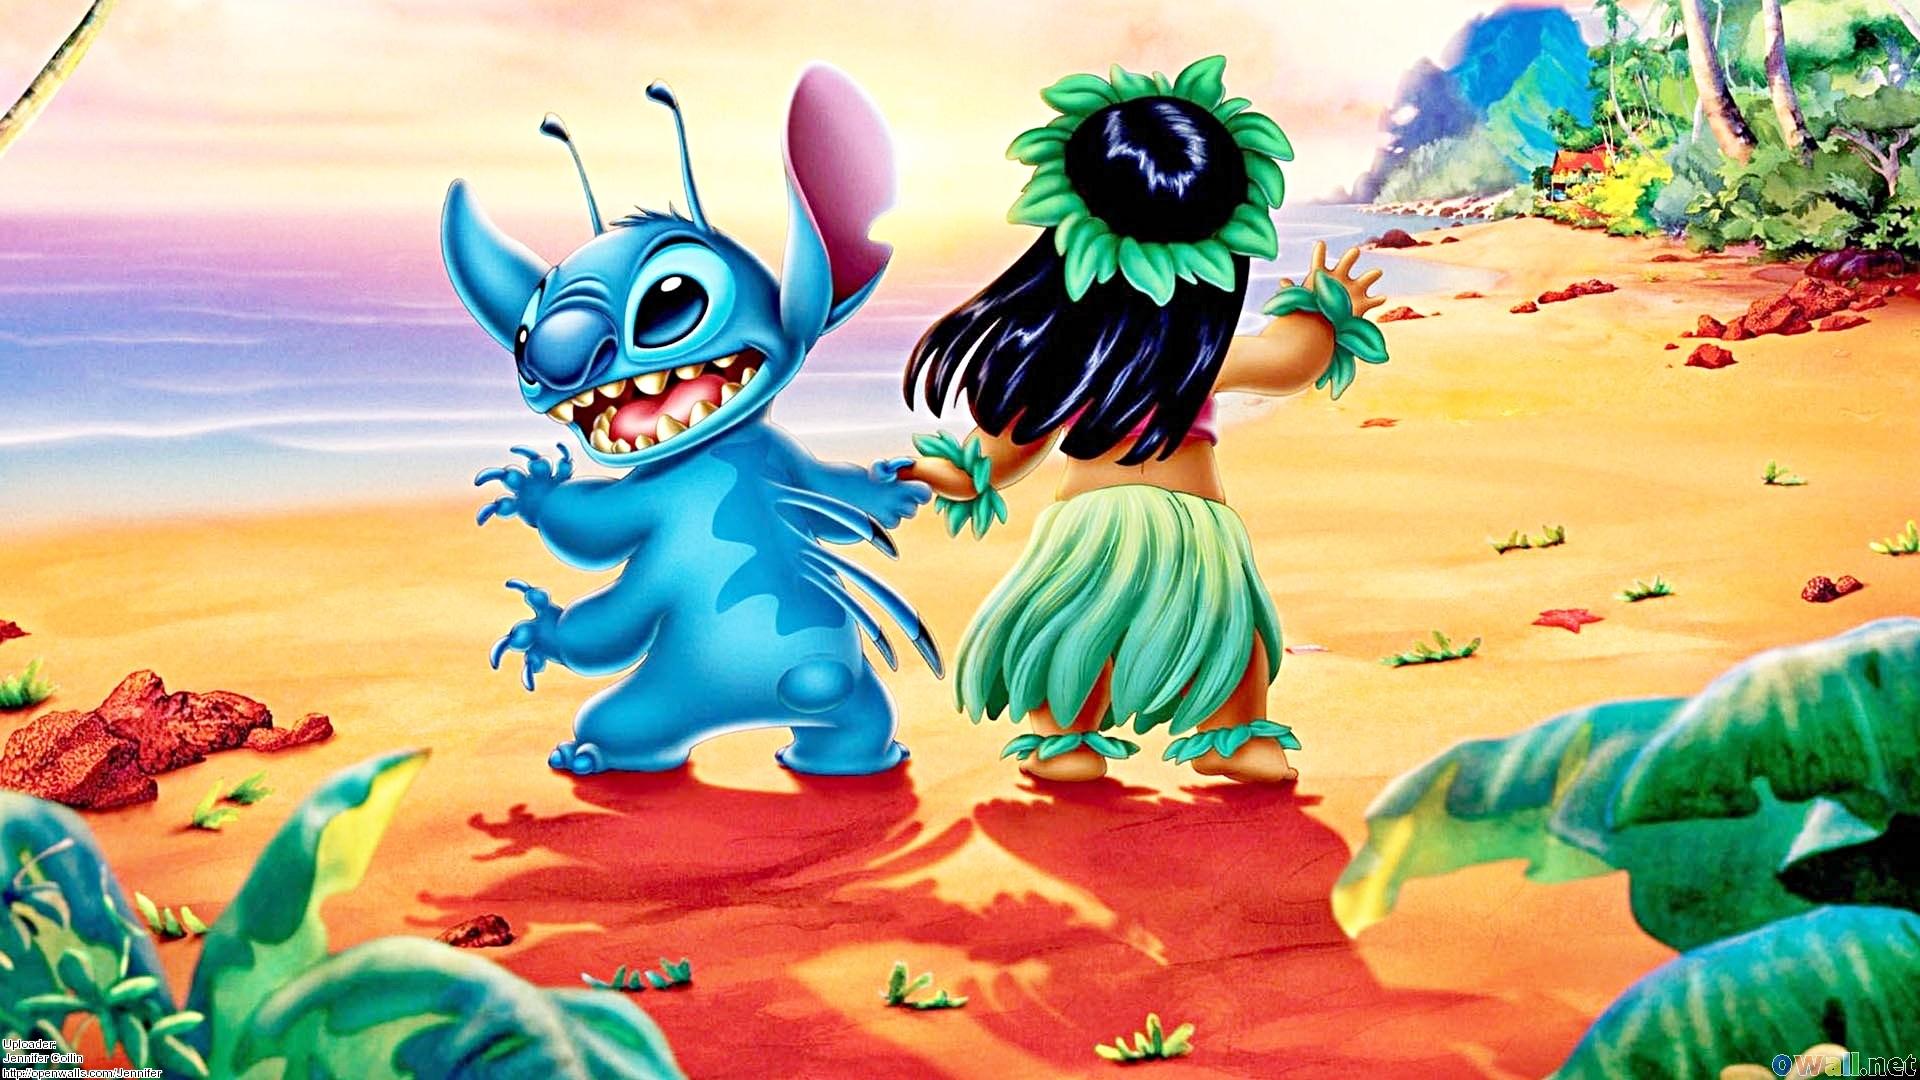 Disney Character Wallpaper Desktop 59 images